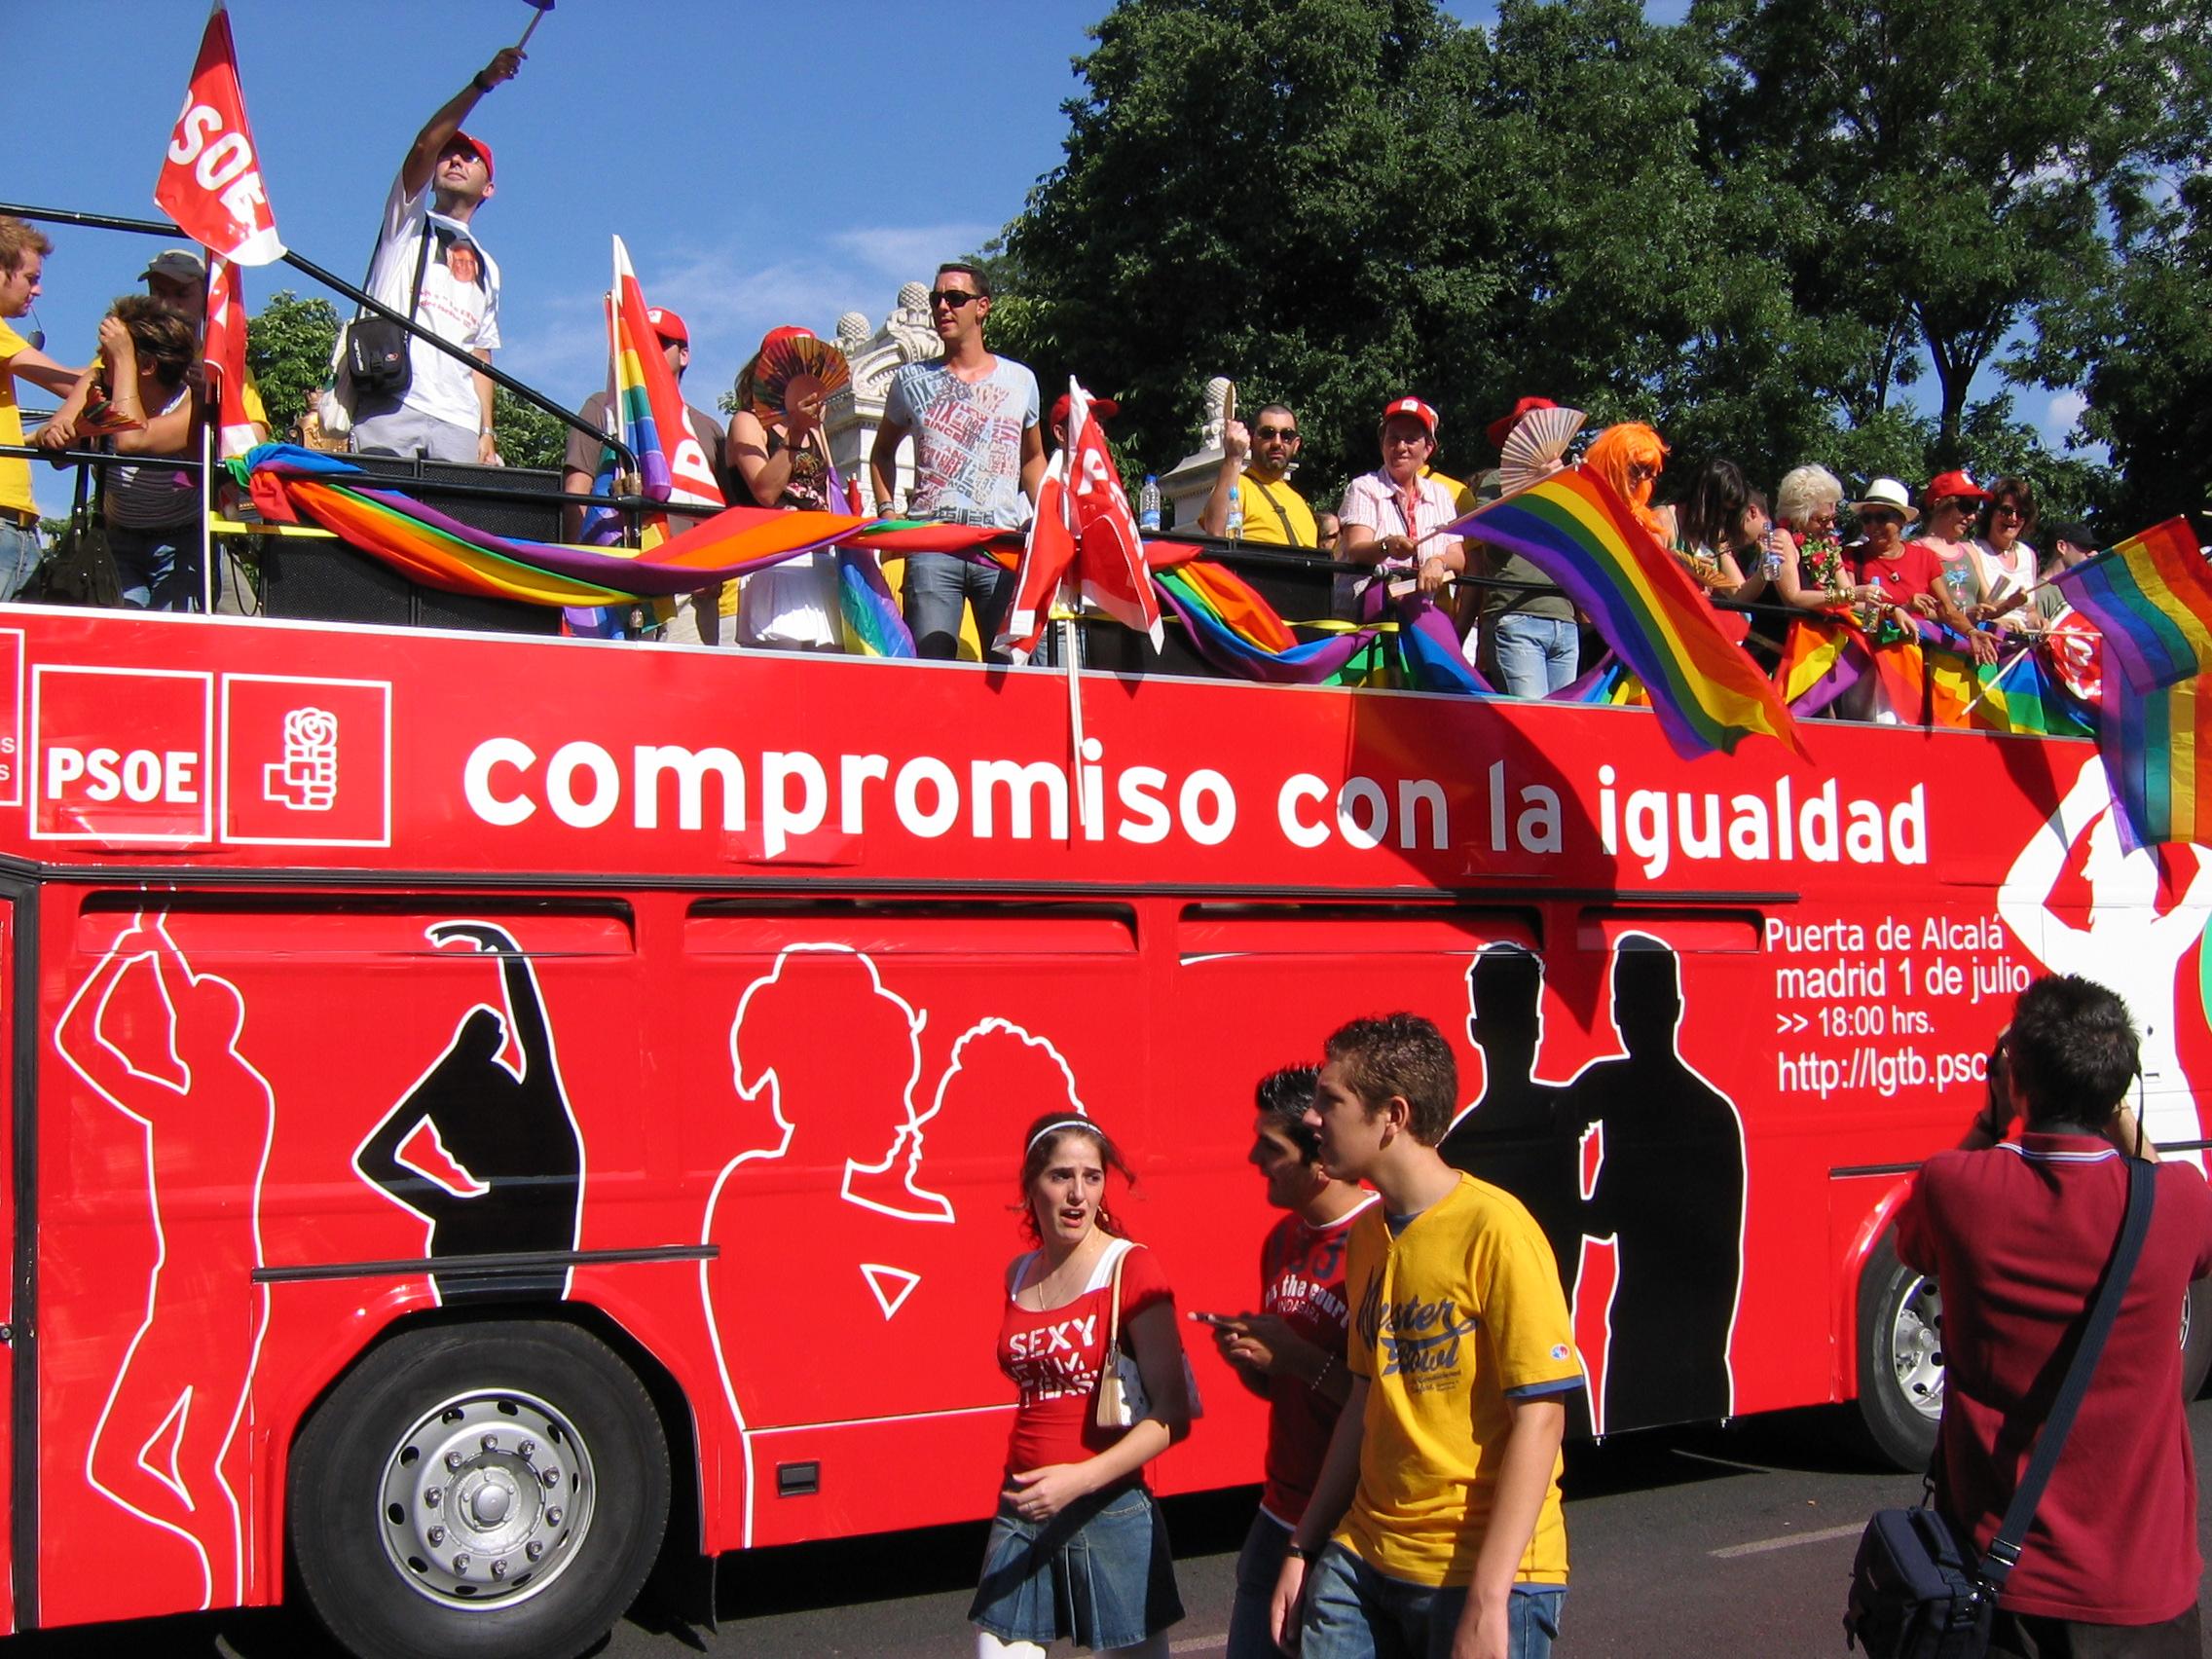 Fotos: El Orgullo Gay 2017 calienta motores, en imágenes ...